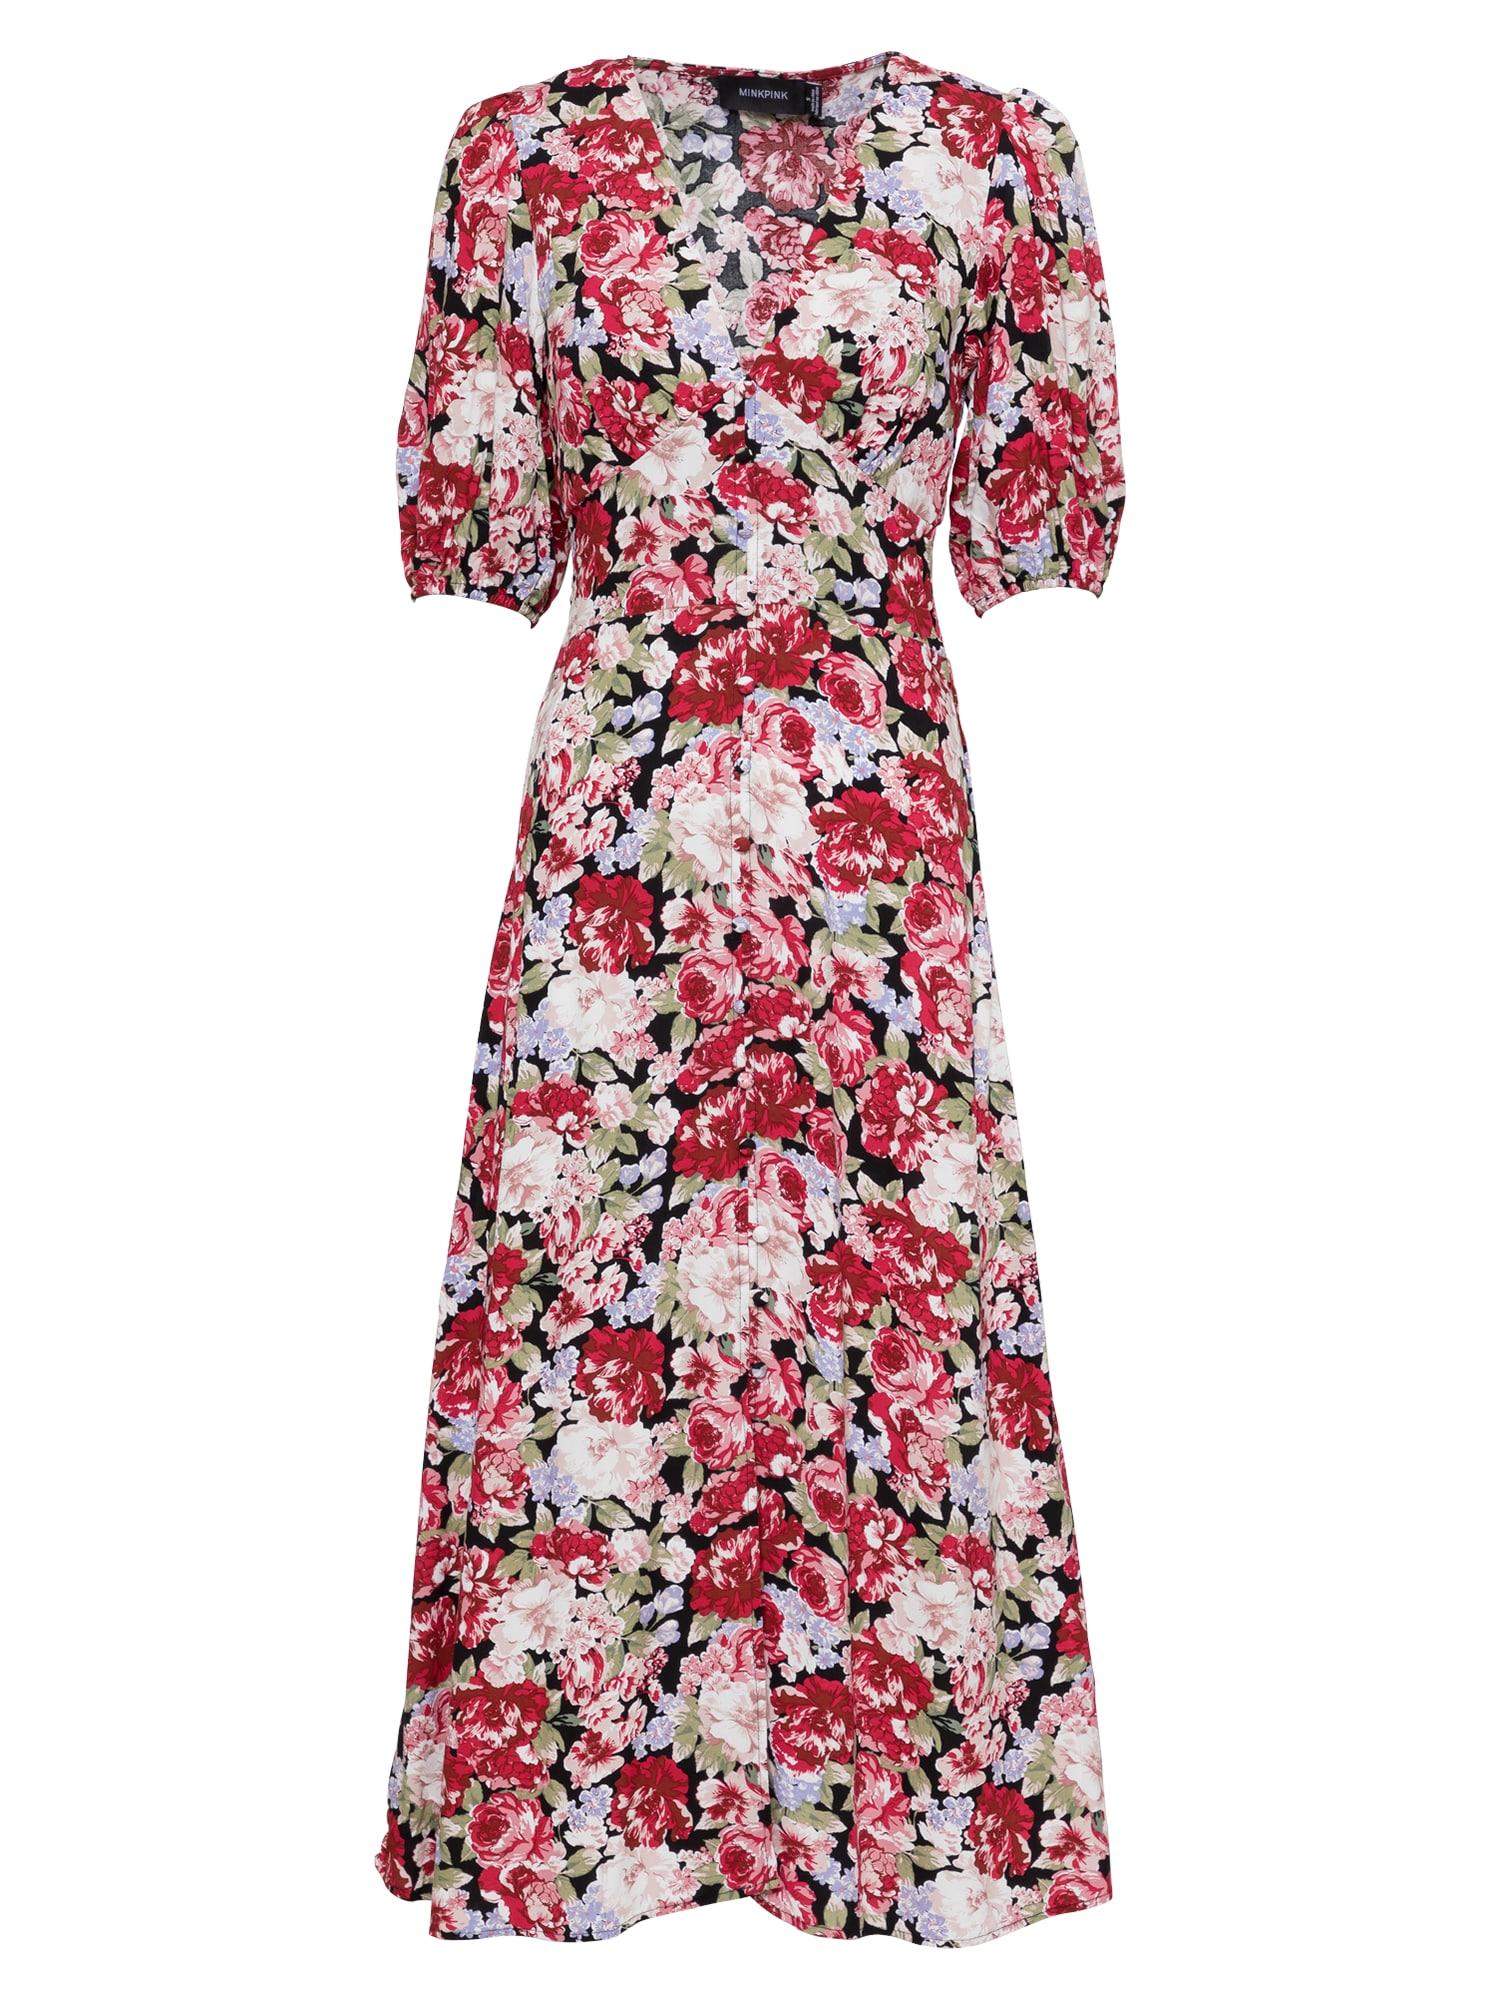 MINKPINK Palaidinės tipo suknelė mišrios spalvos